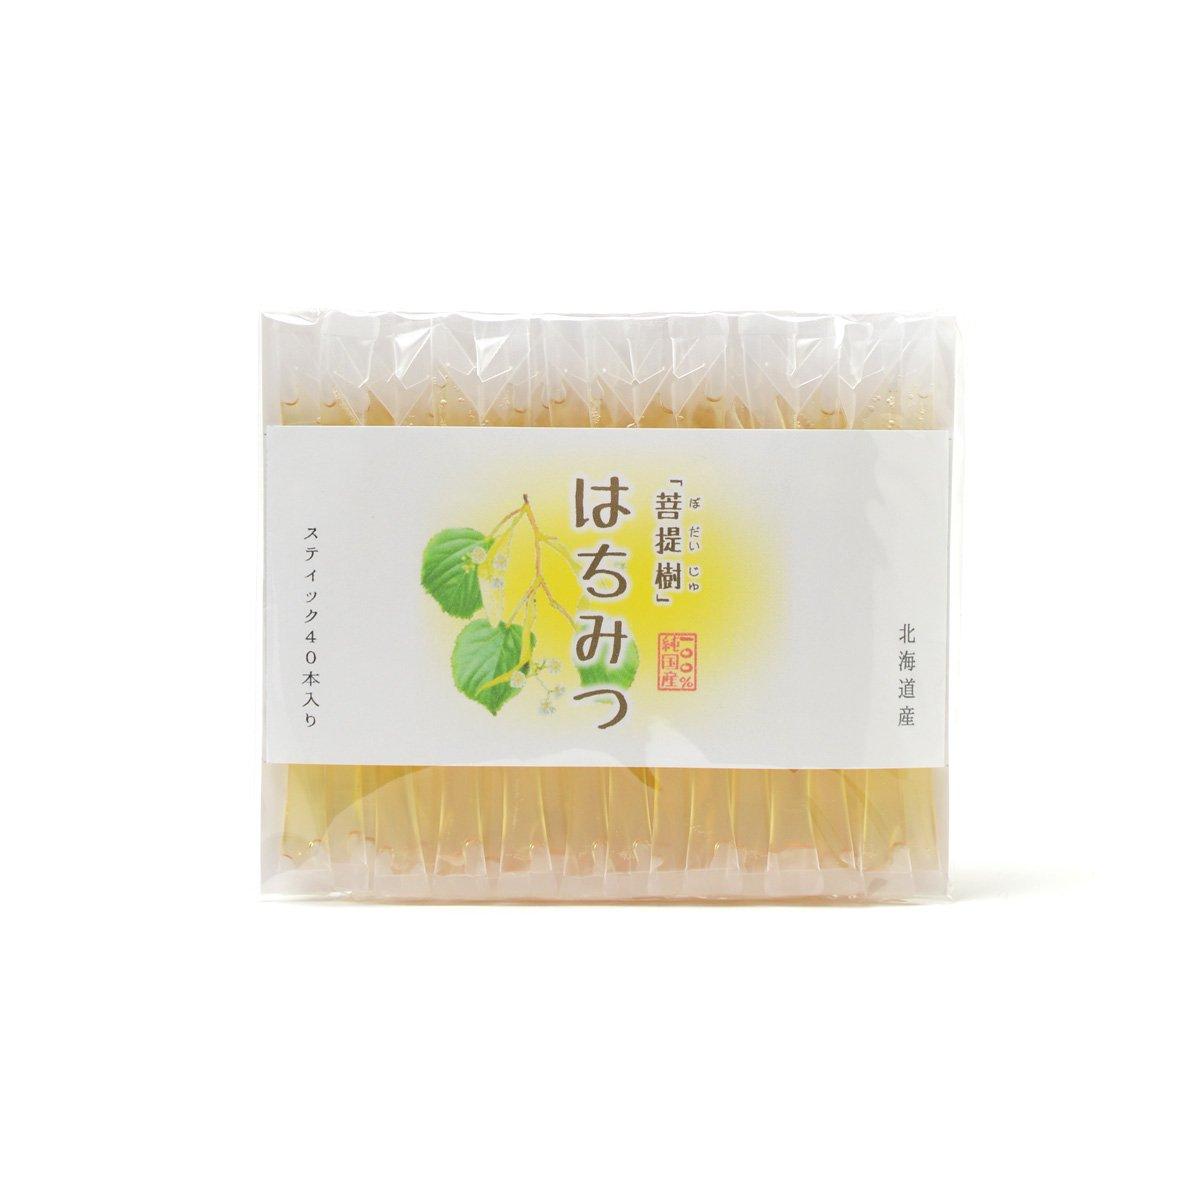 北海道産スティック蜂蜜 菩提樹 2.5g×40本